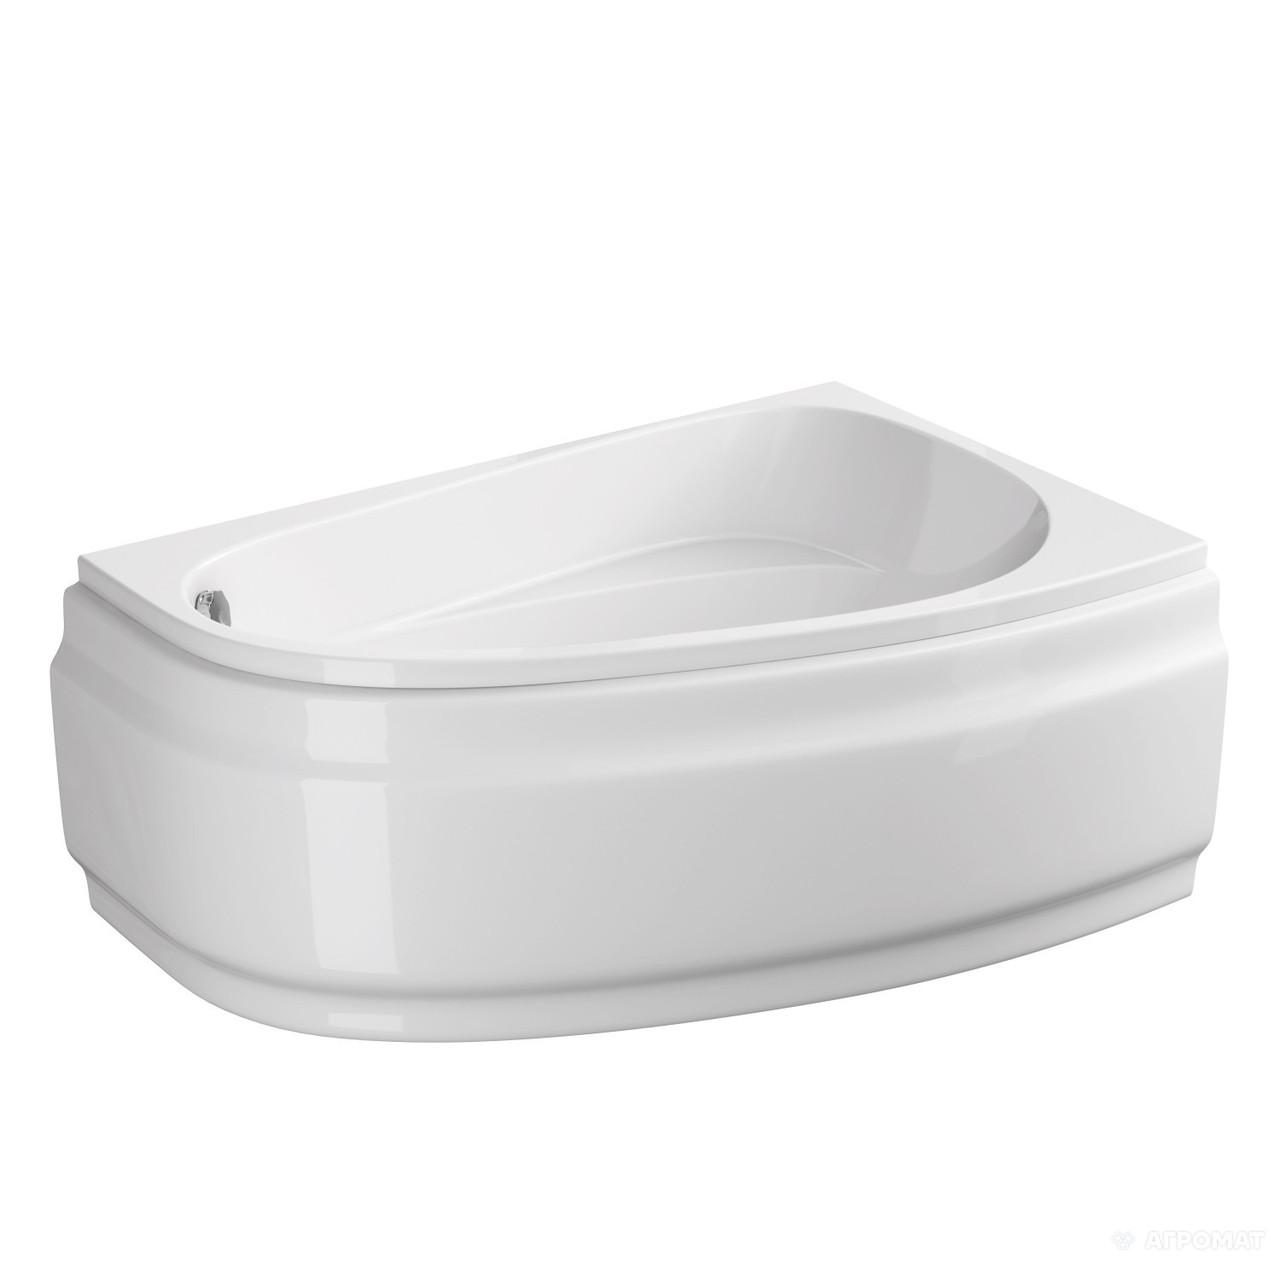 Cersanit Акрилова ванна Joanna New 140x90 см права, асиметрична